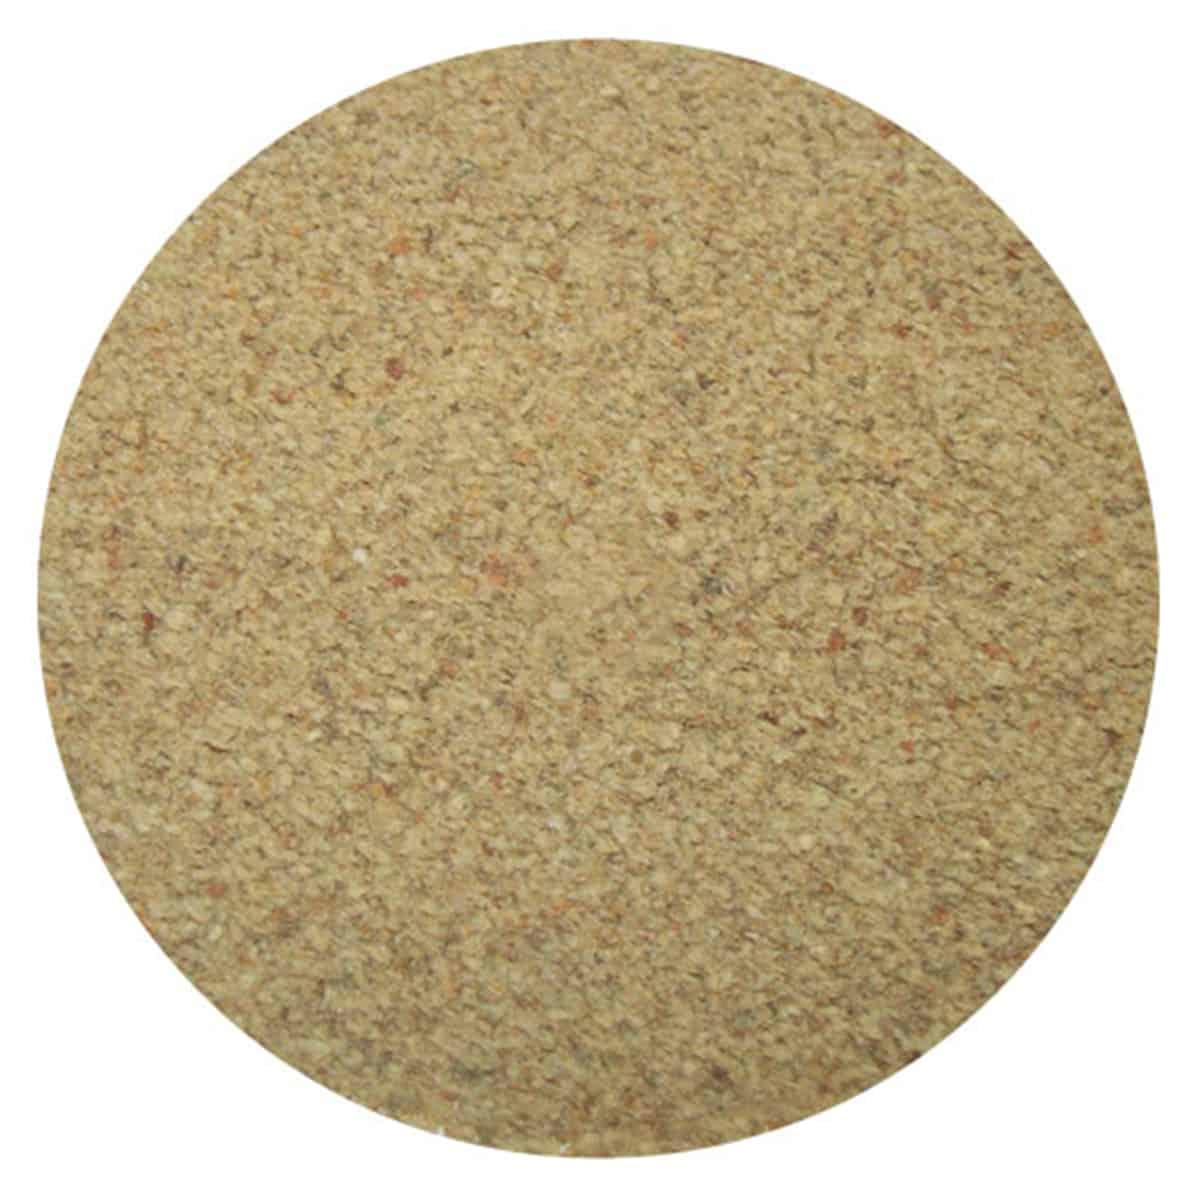 Buy IAG Foods Fenugreek Powder - 1 kg